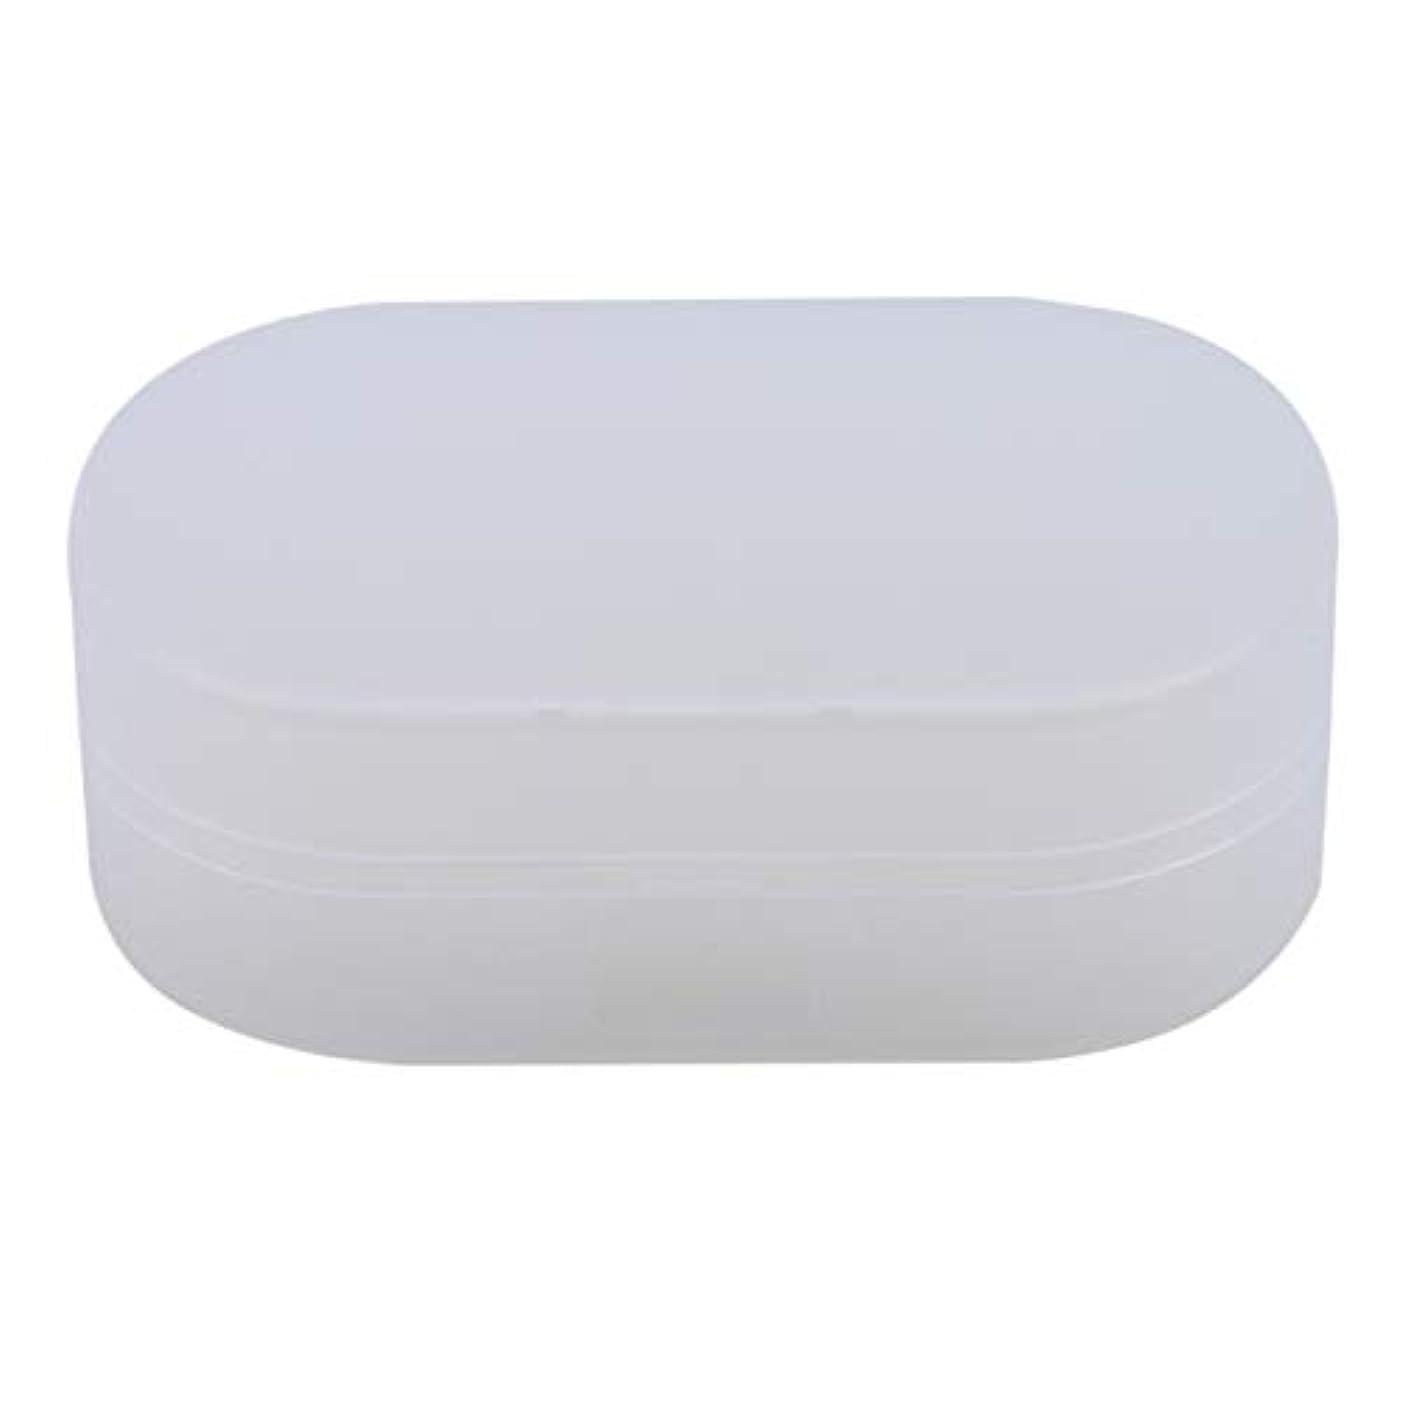 リップ摂動道を作るZALINGソープボックスホルダーソープディッシュソープセーバーケースコンテナ用バスルームキャンプホワイト